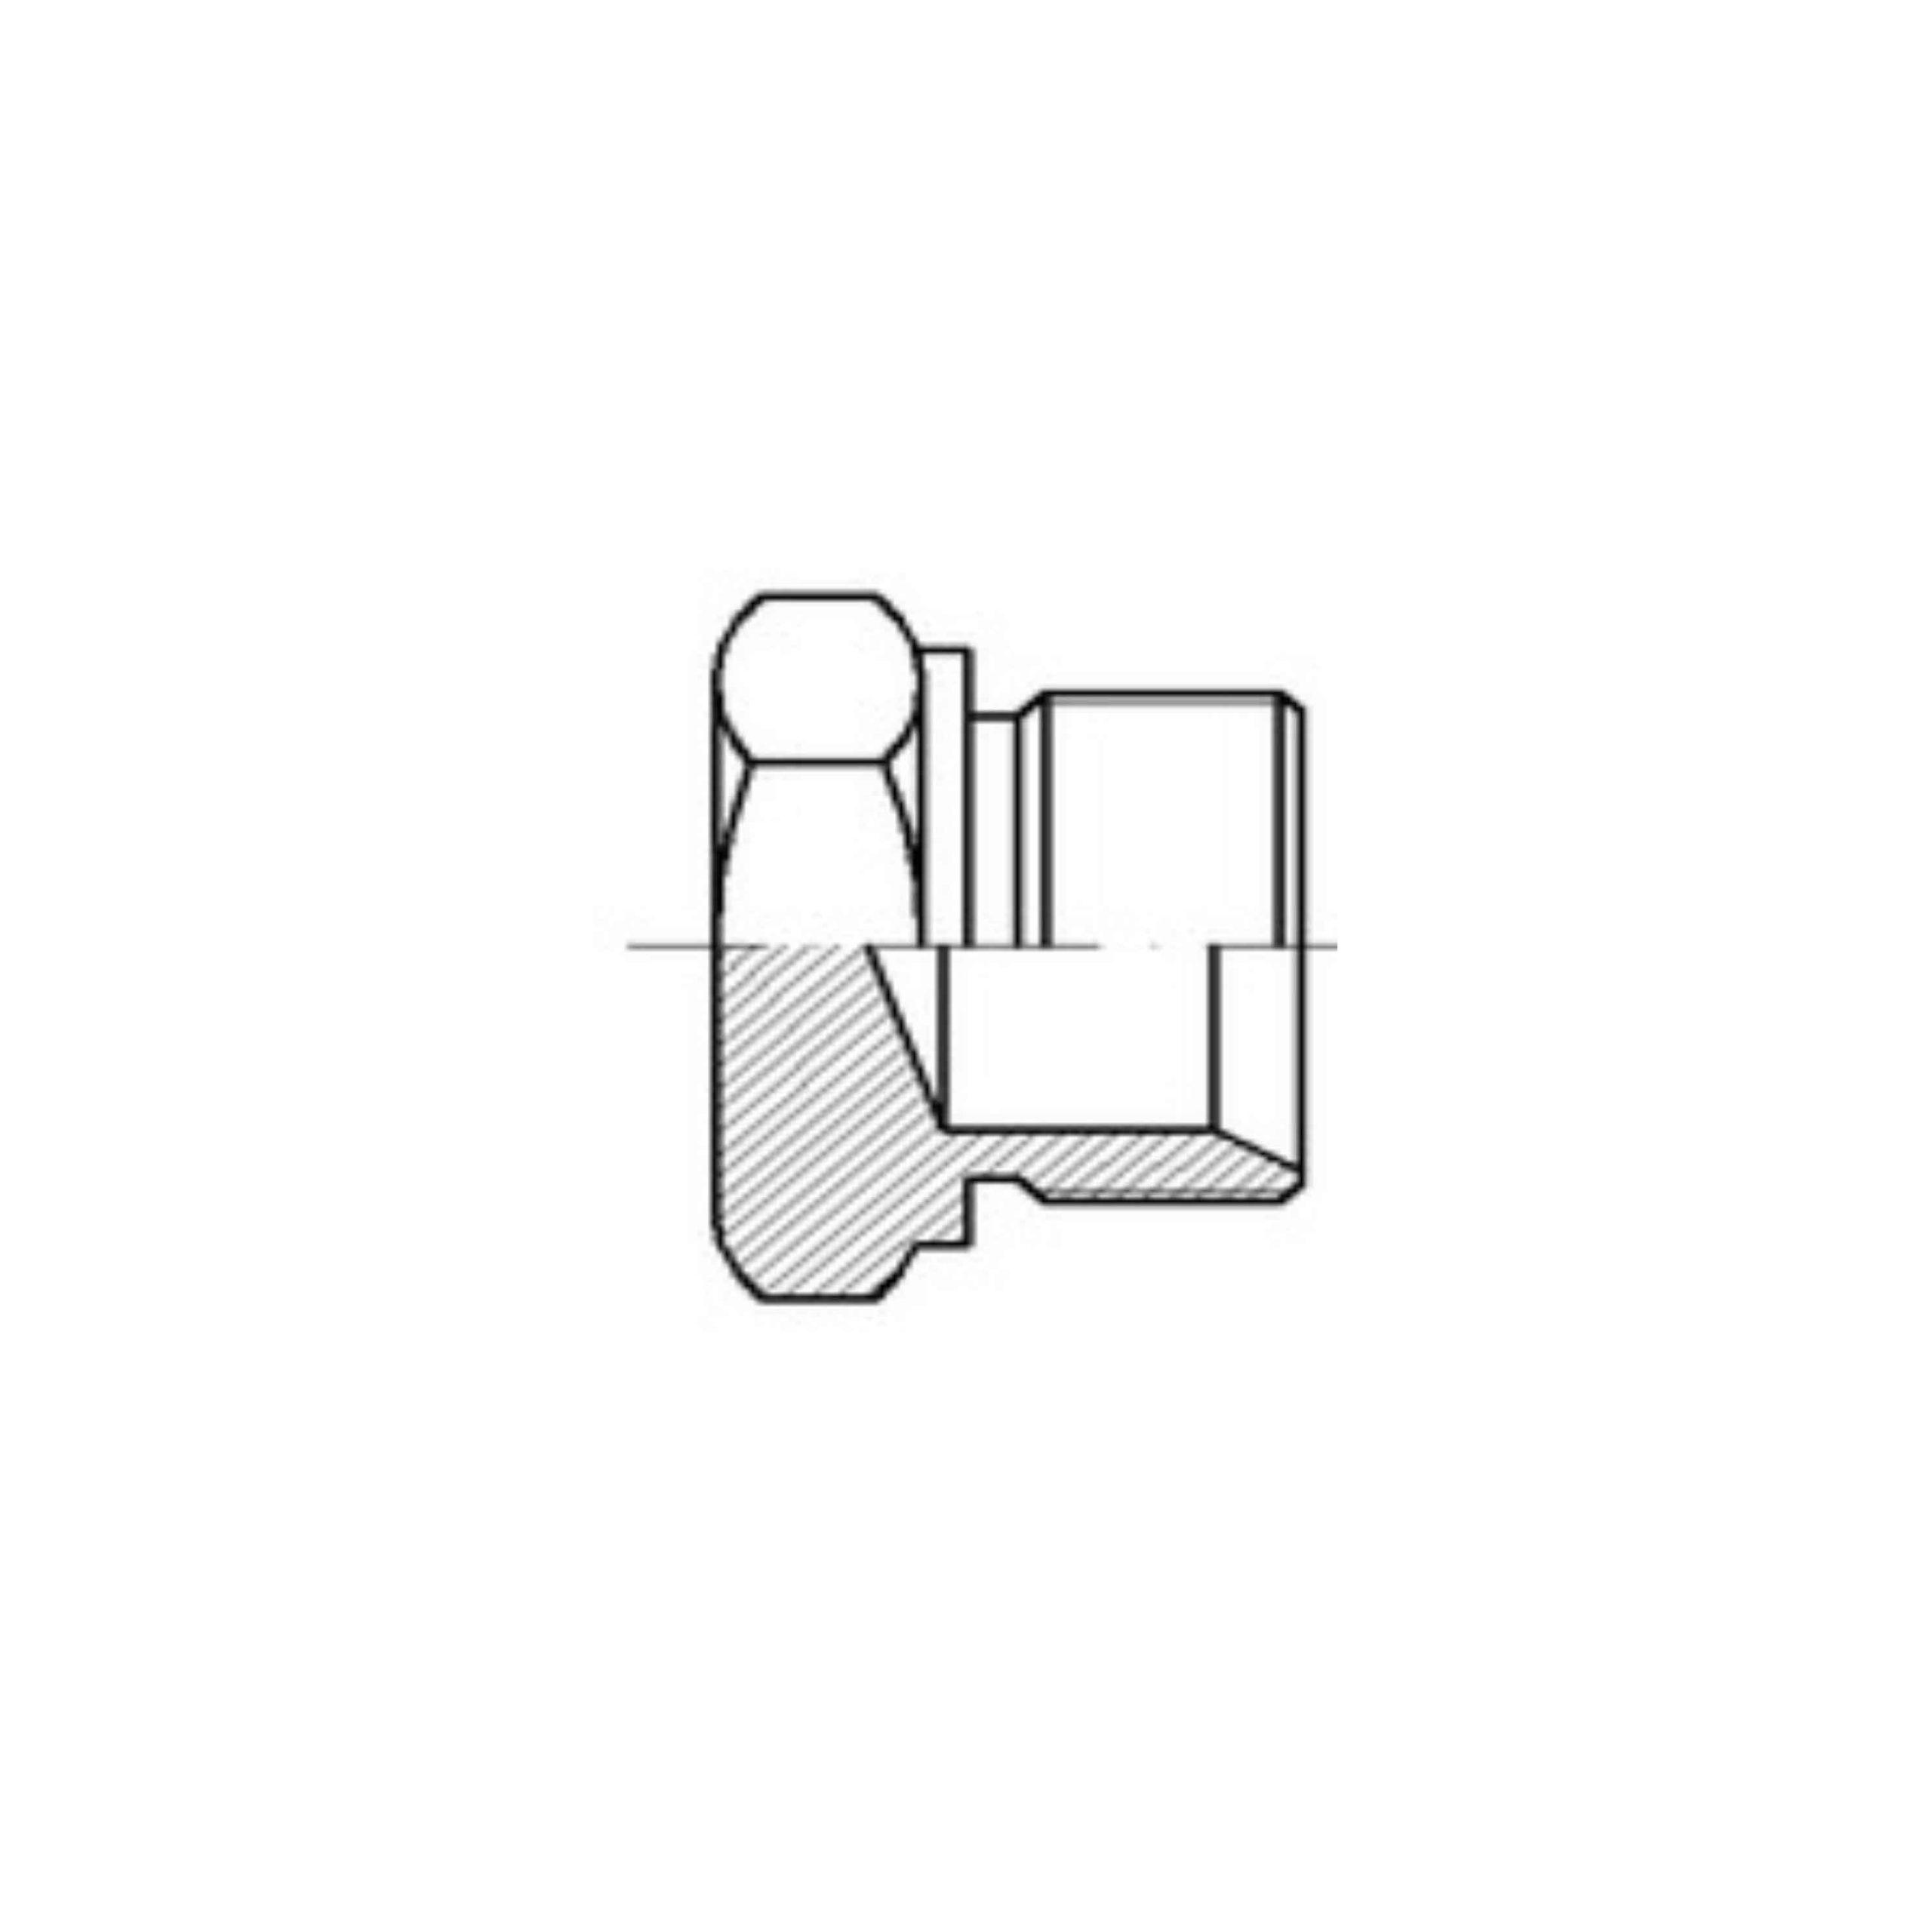 BOUCHON_MALE_BSP_BSB_CAOUTCHOUCS_PLASTIQUES